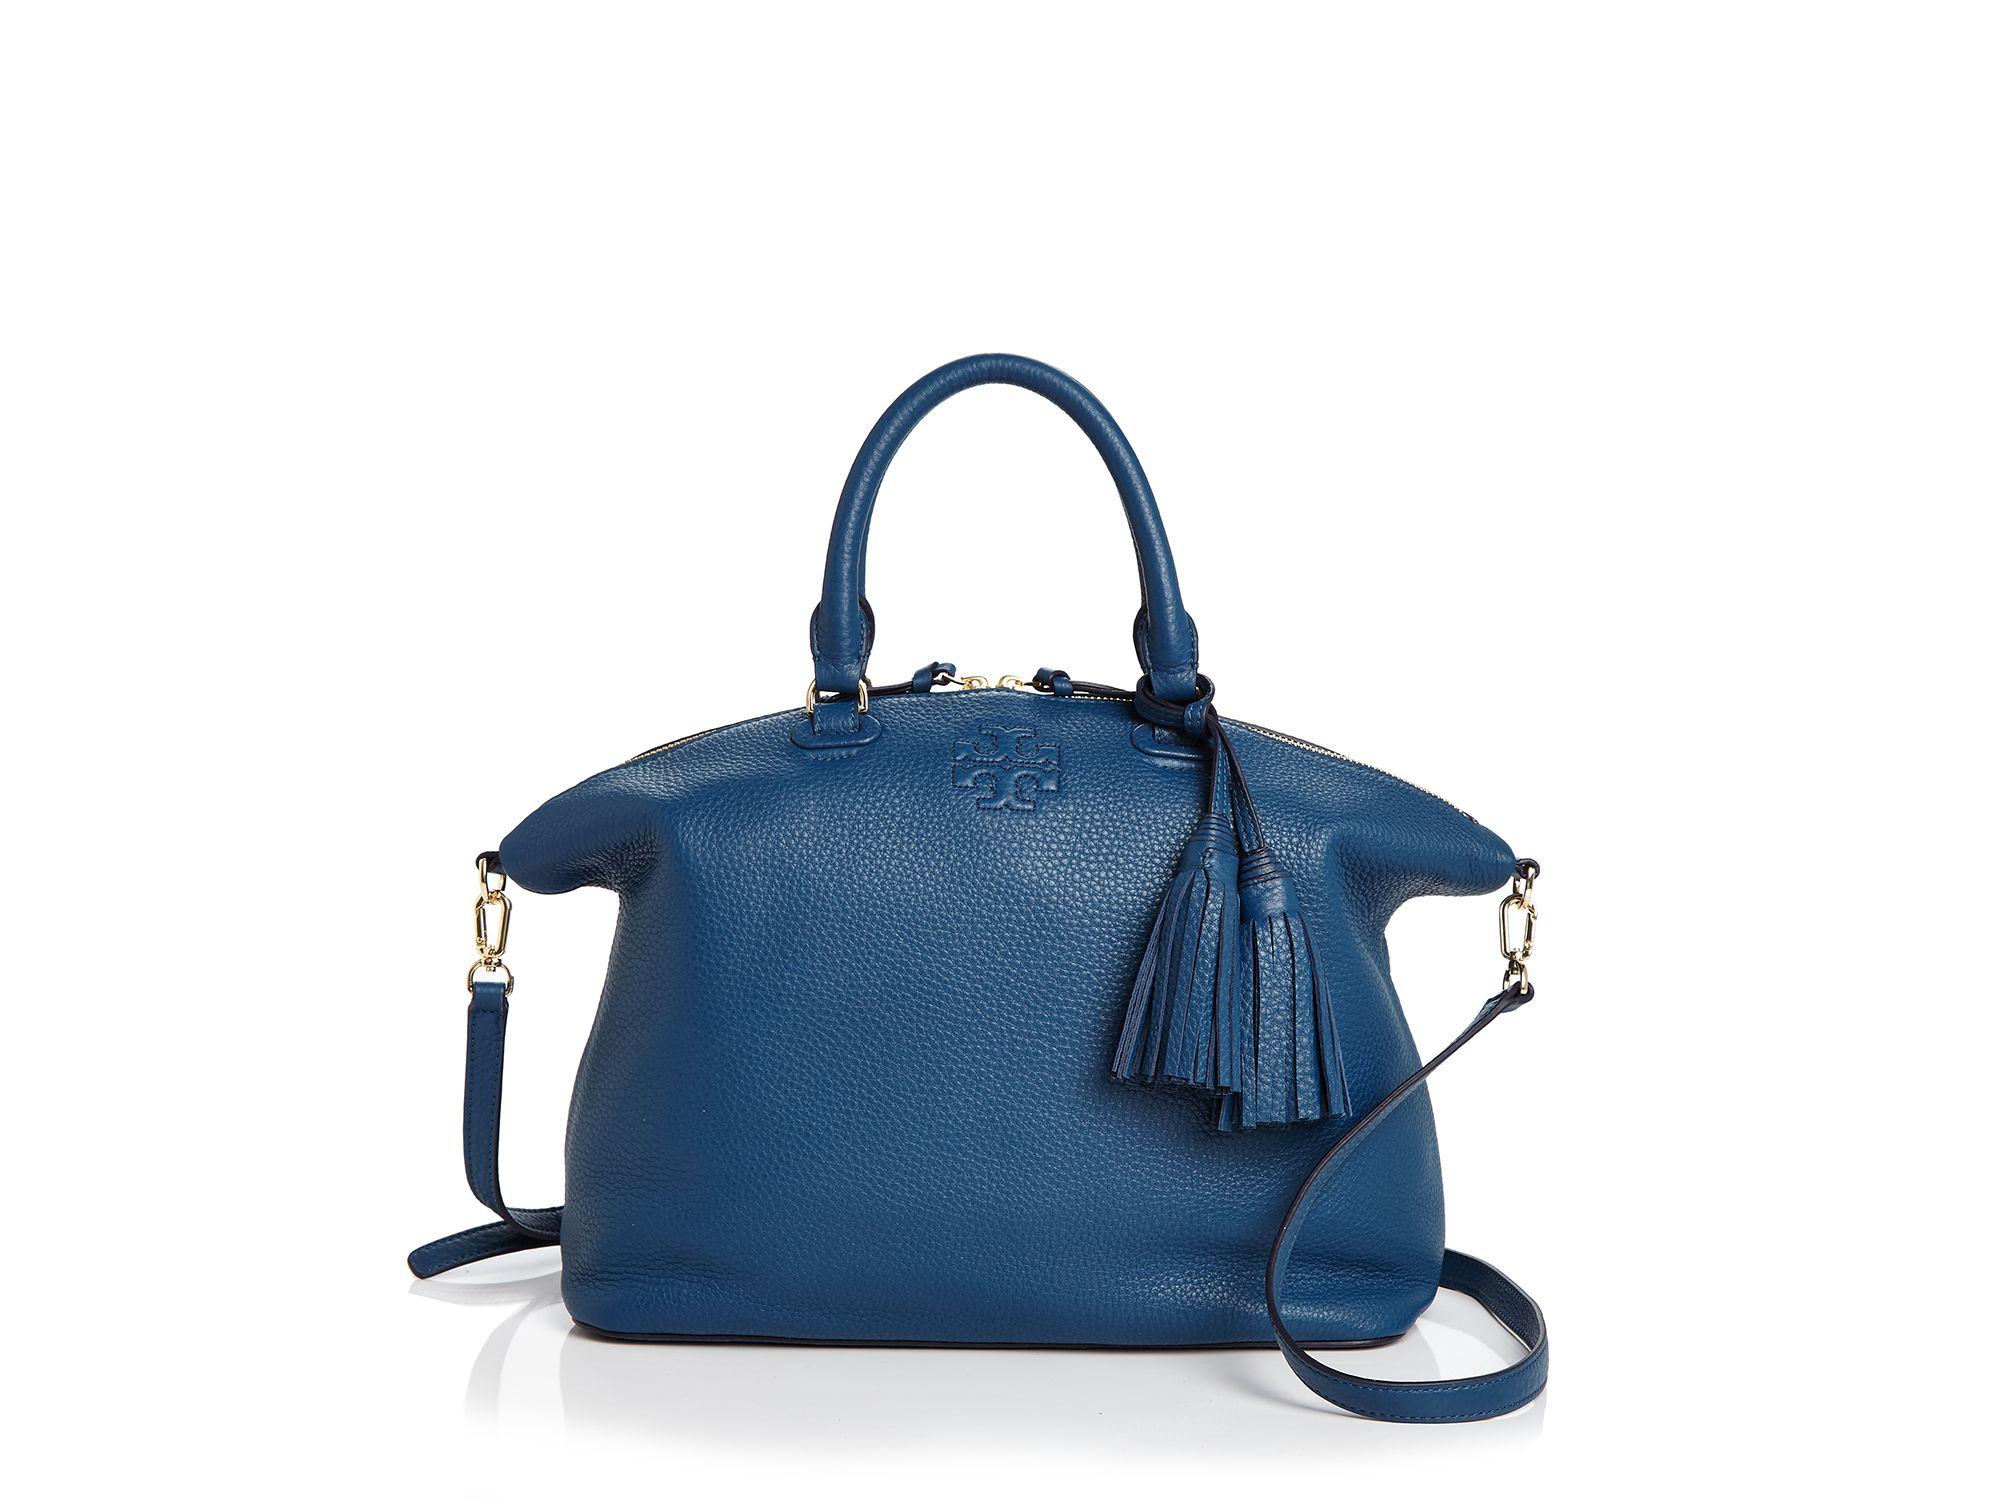 b07fc753be8 Lyst - Tory Burch Thea Medium Slouchy Satchel in Blue